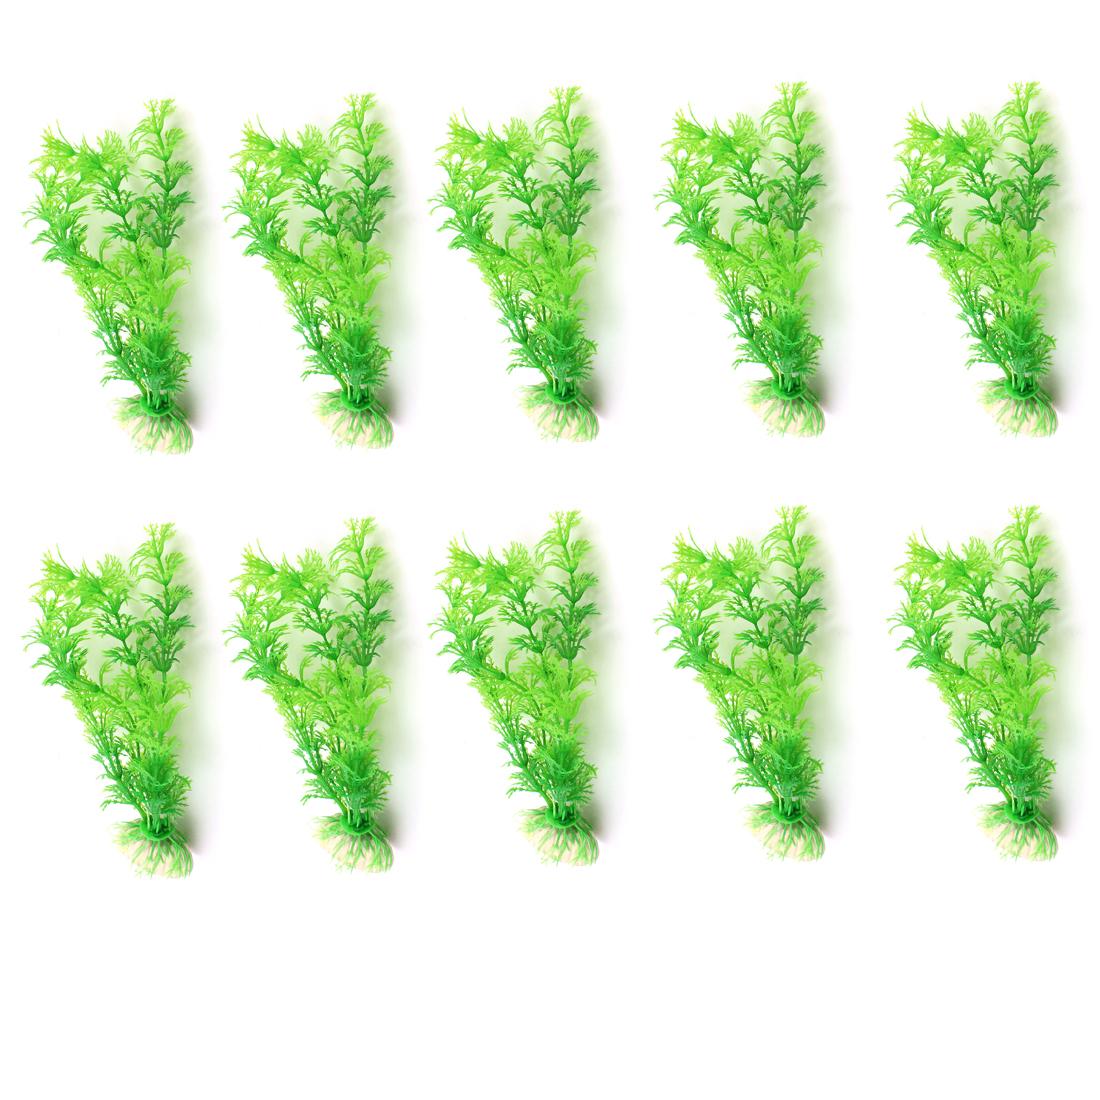 """10 Pcs 6.3"""" Height Green Artificial Underwater Plant for Aquarium"""